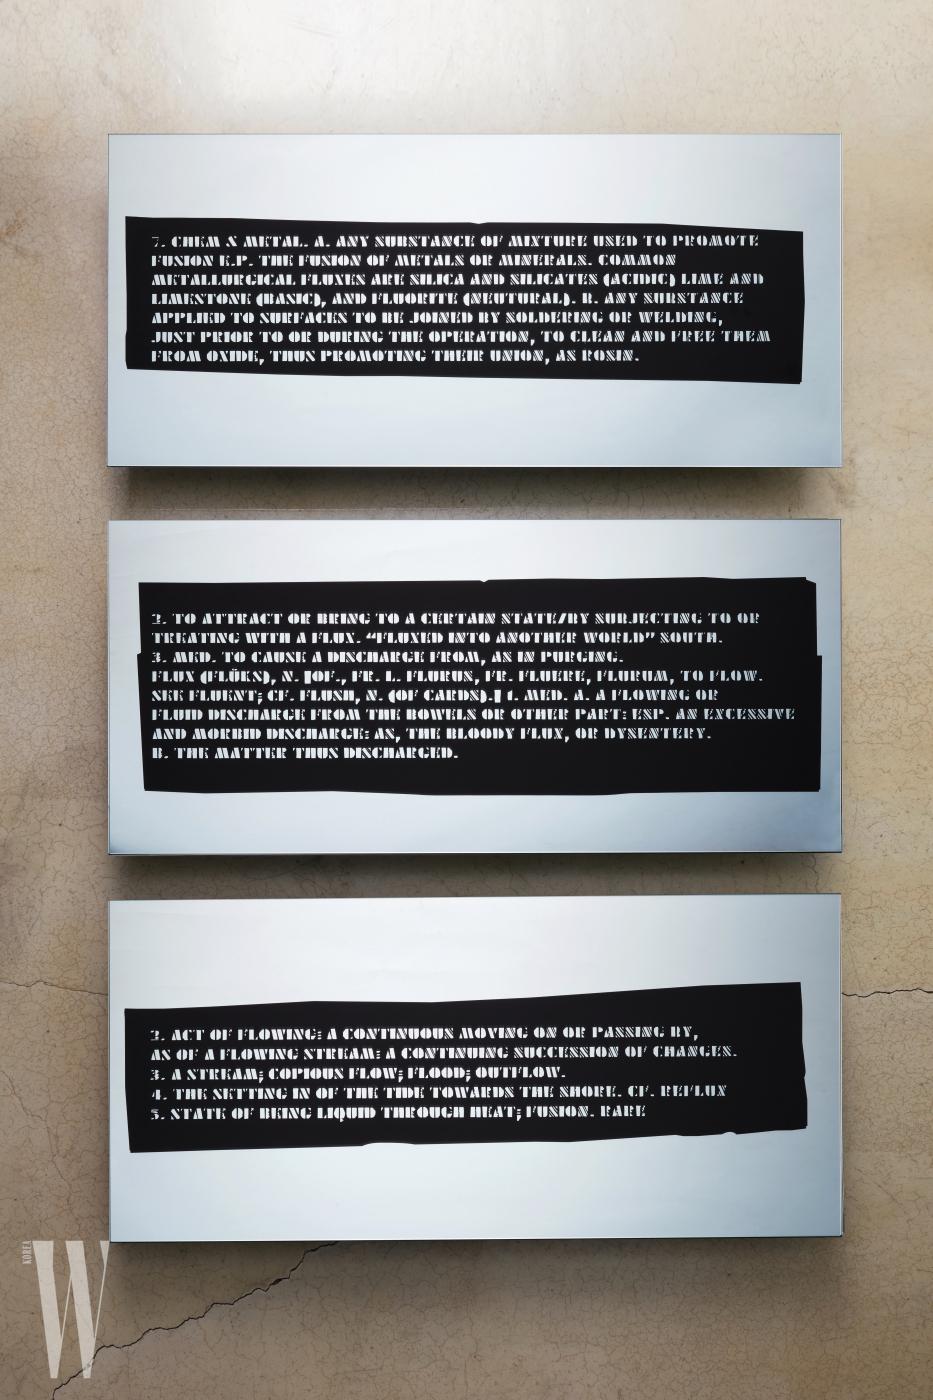 그래픽 디자인 듀오 신신의 아이디어와 백남준의 선언이 합체한 거울 조각들.